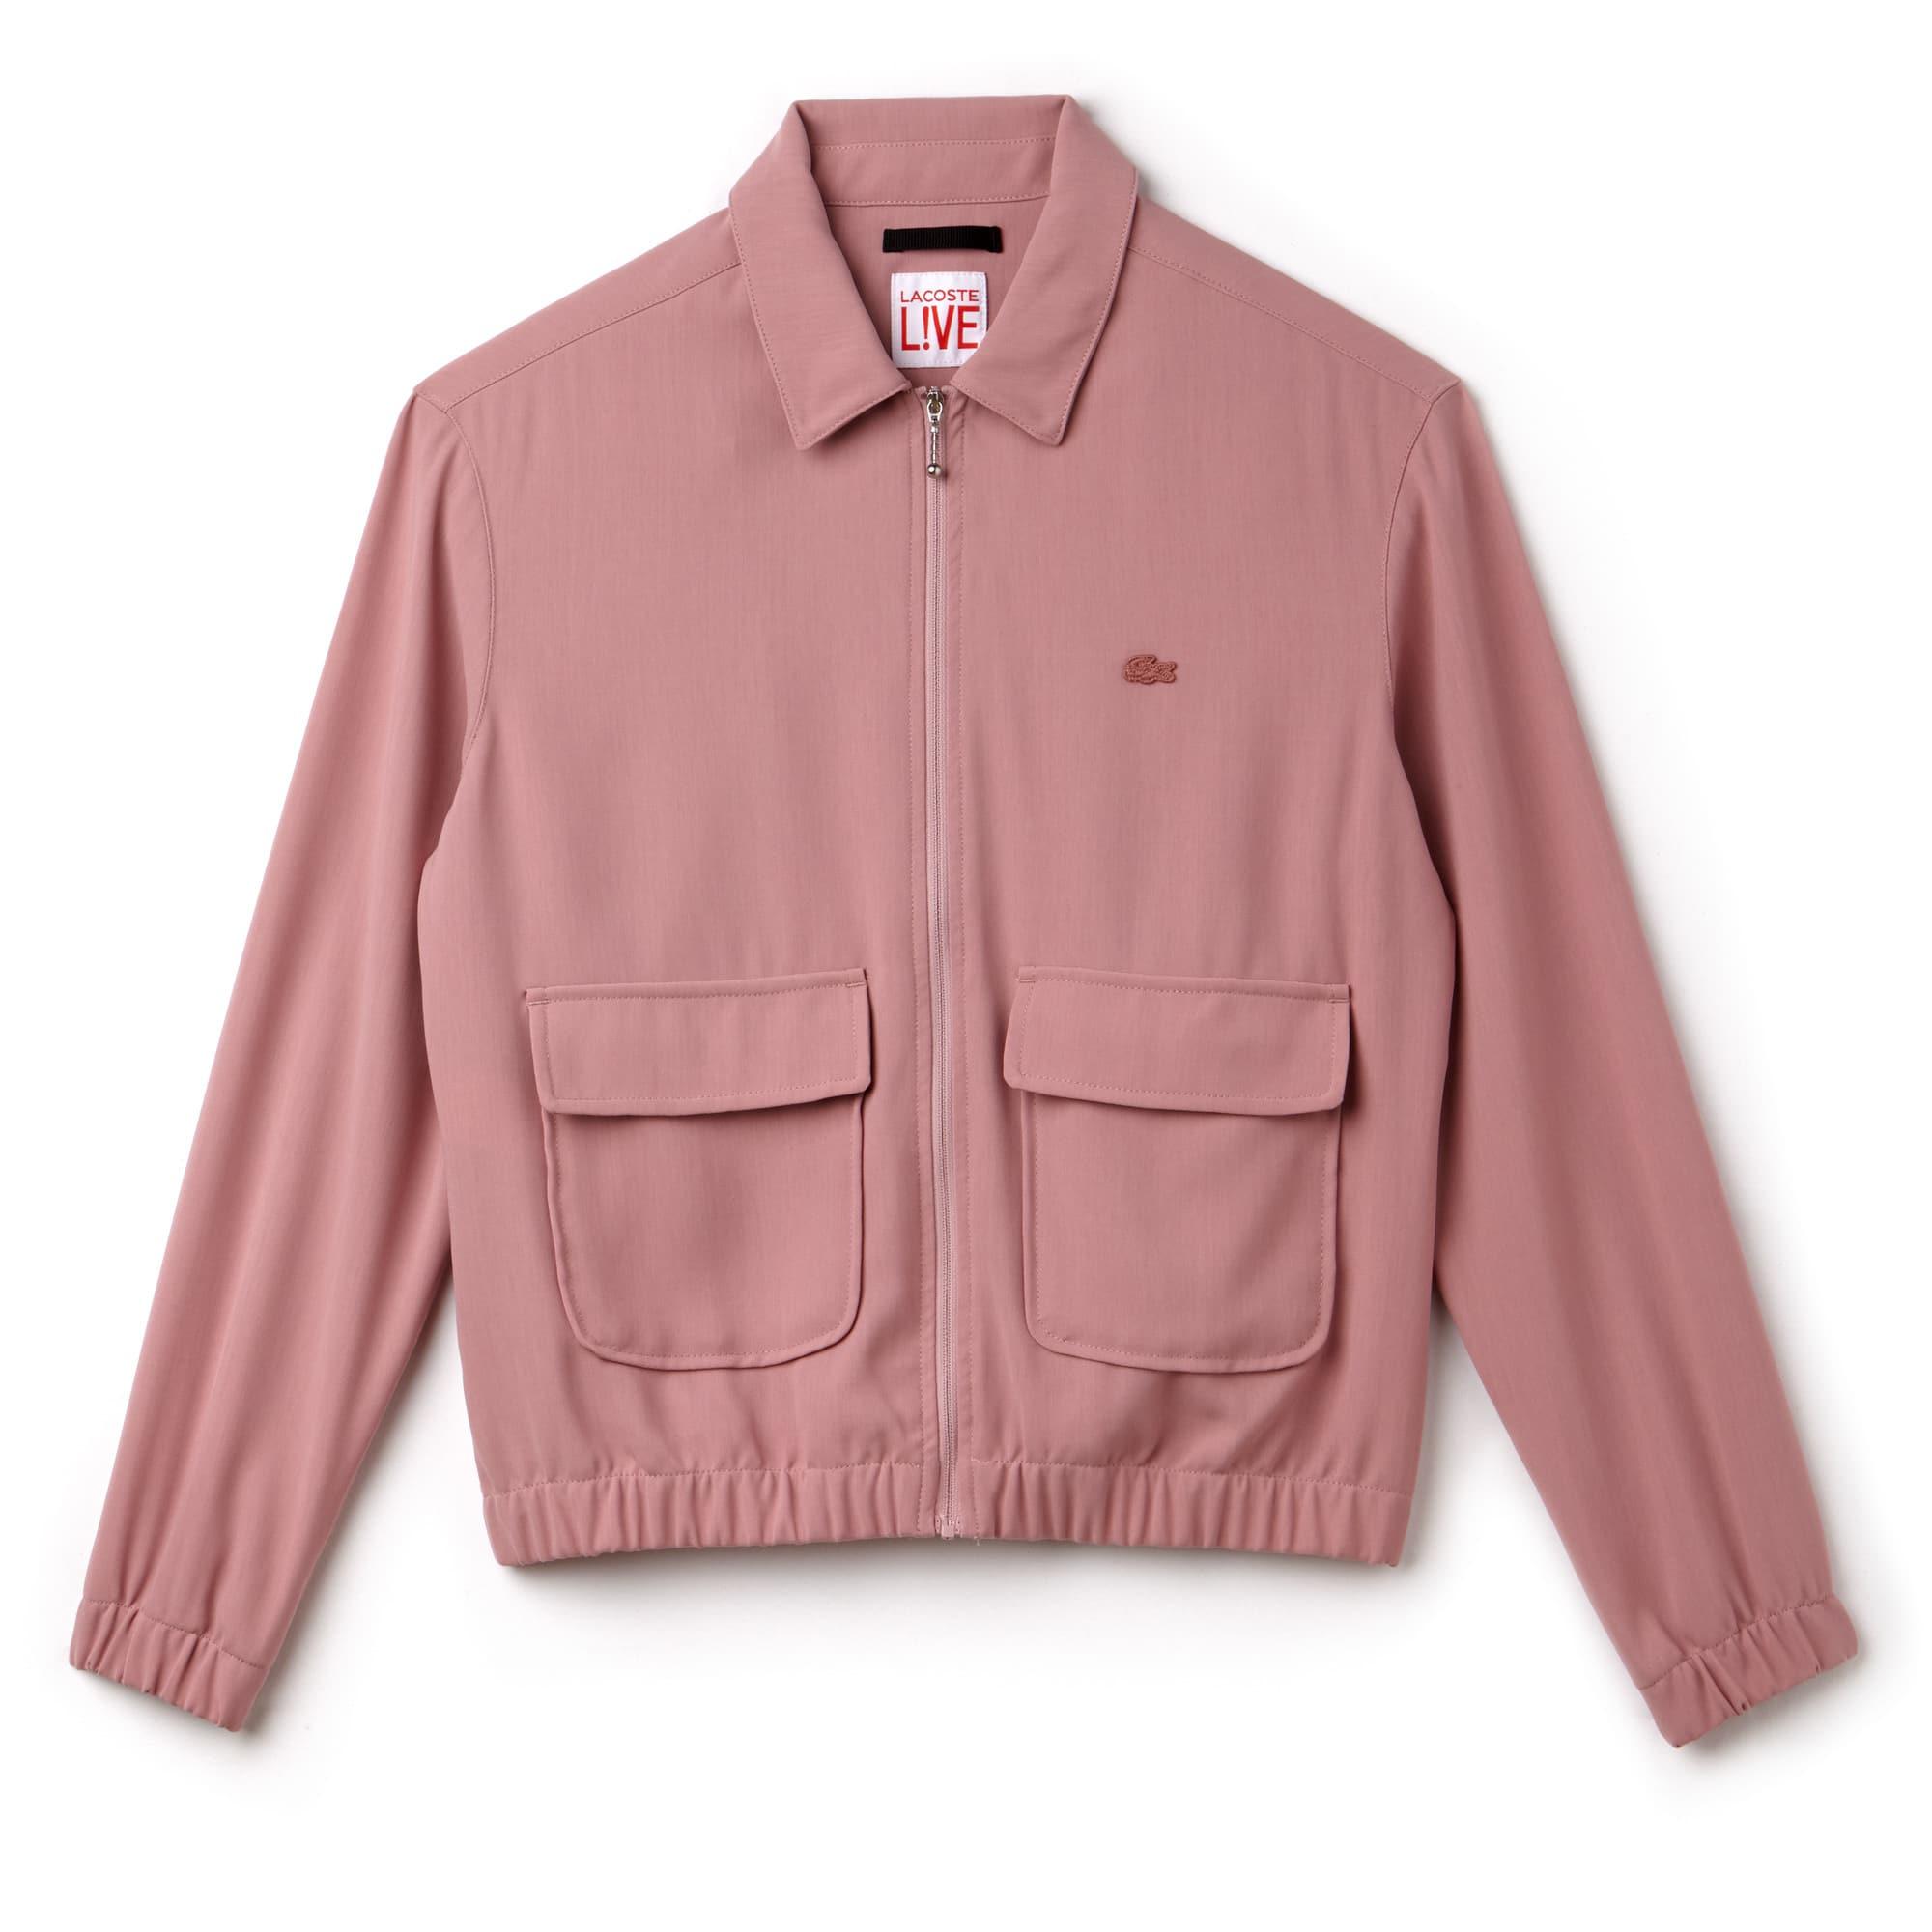 Women's Lacoste LIVE Crepe Short Zip Jacket